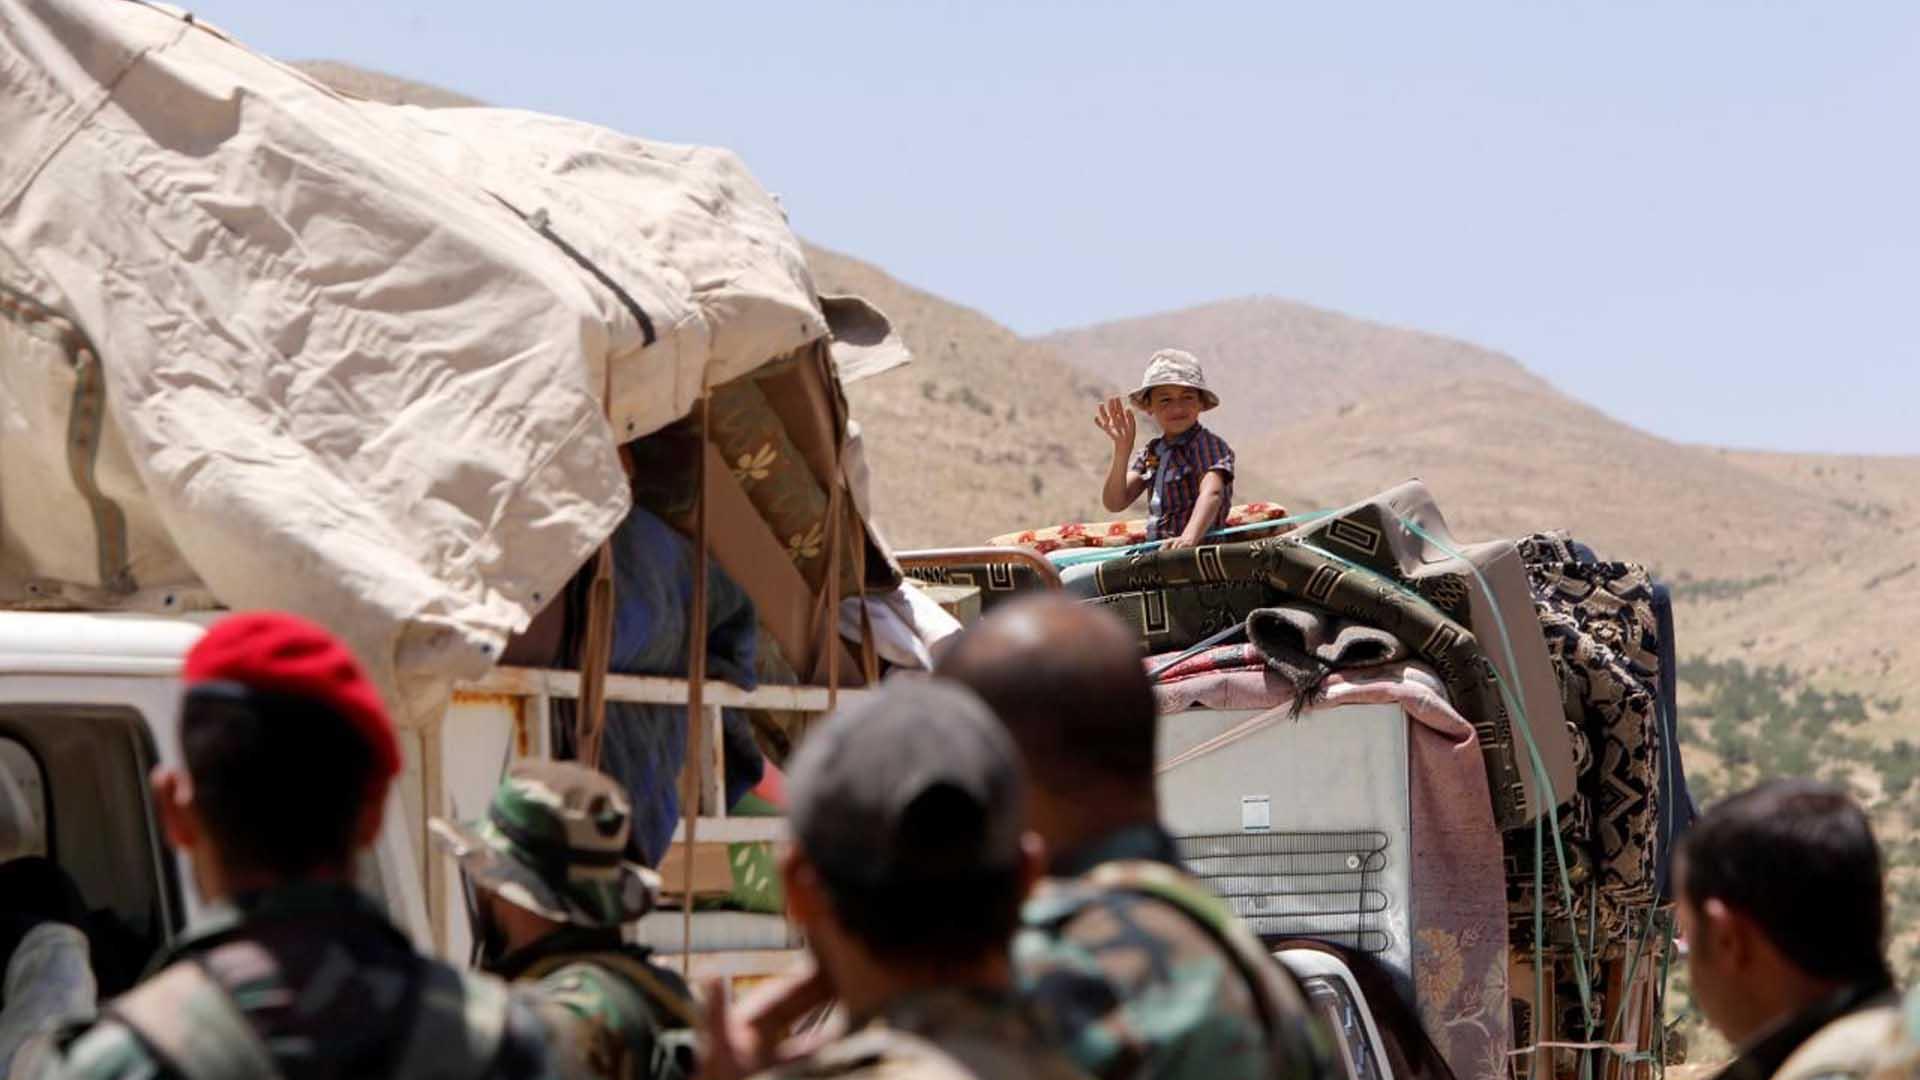 المحددات الأمنية والعسكرية لعودة اللاجئين والنازحين